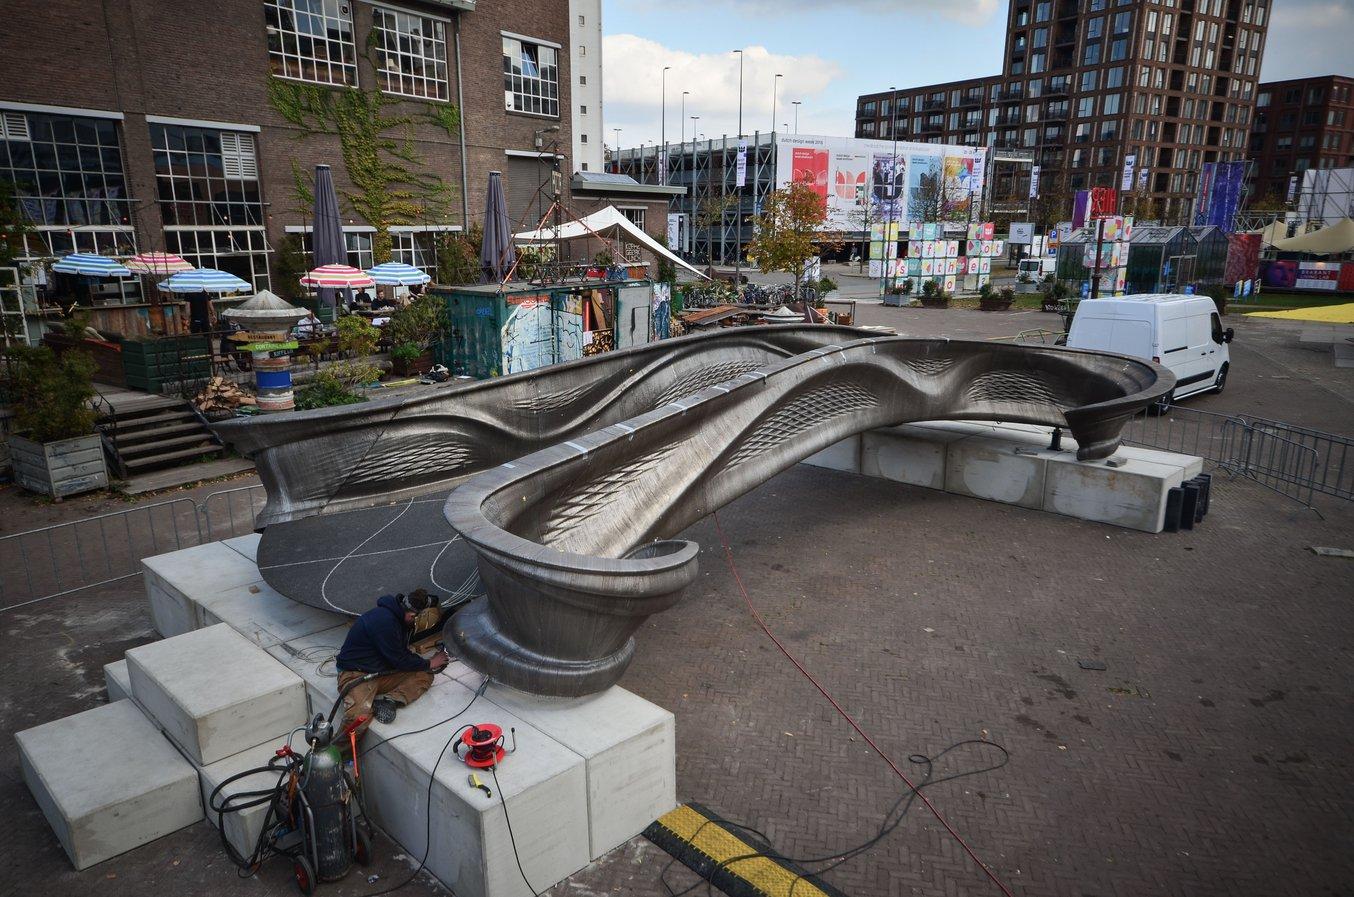 MX3D utilizza il workflow digitale multi-asse per stampare un ponte in acciaio inossidabile che sarà presto installato lungo il canale Oudezijds Achterburgwal di Amsterdam. (Fonte: MX3D)